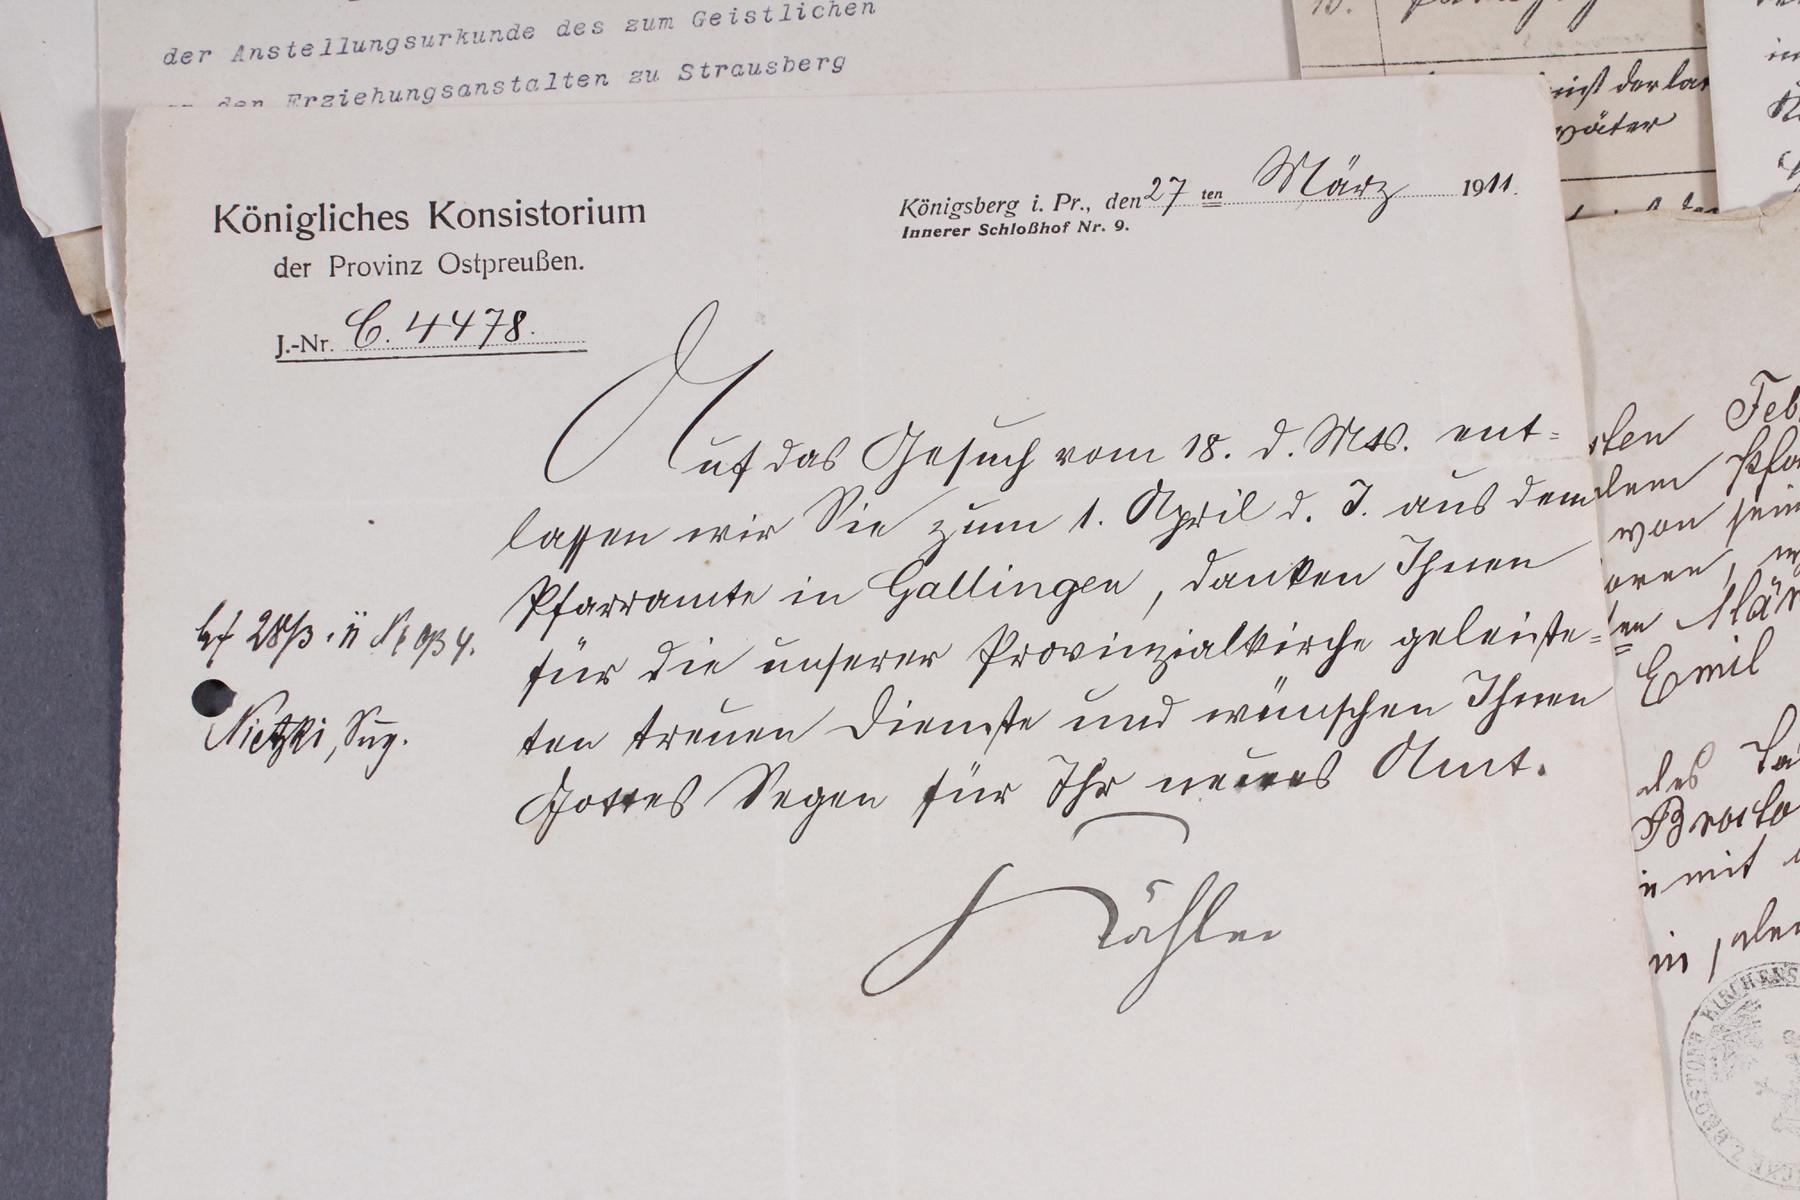 Dokumente, Urkunden uä. eines Pfarrers in Königsberg (Ostpreußen)-3